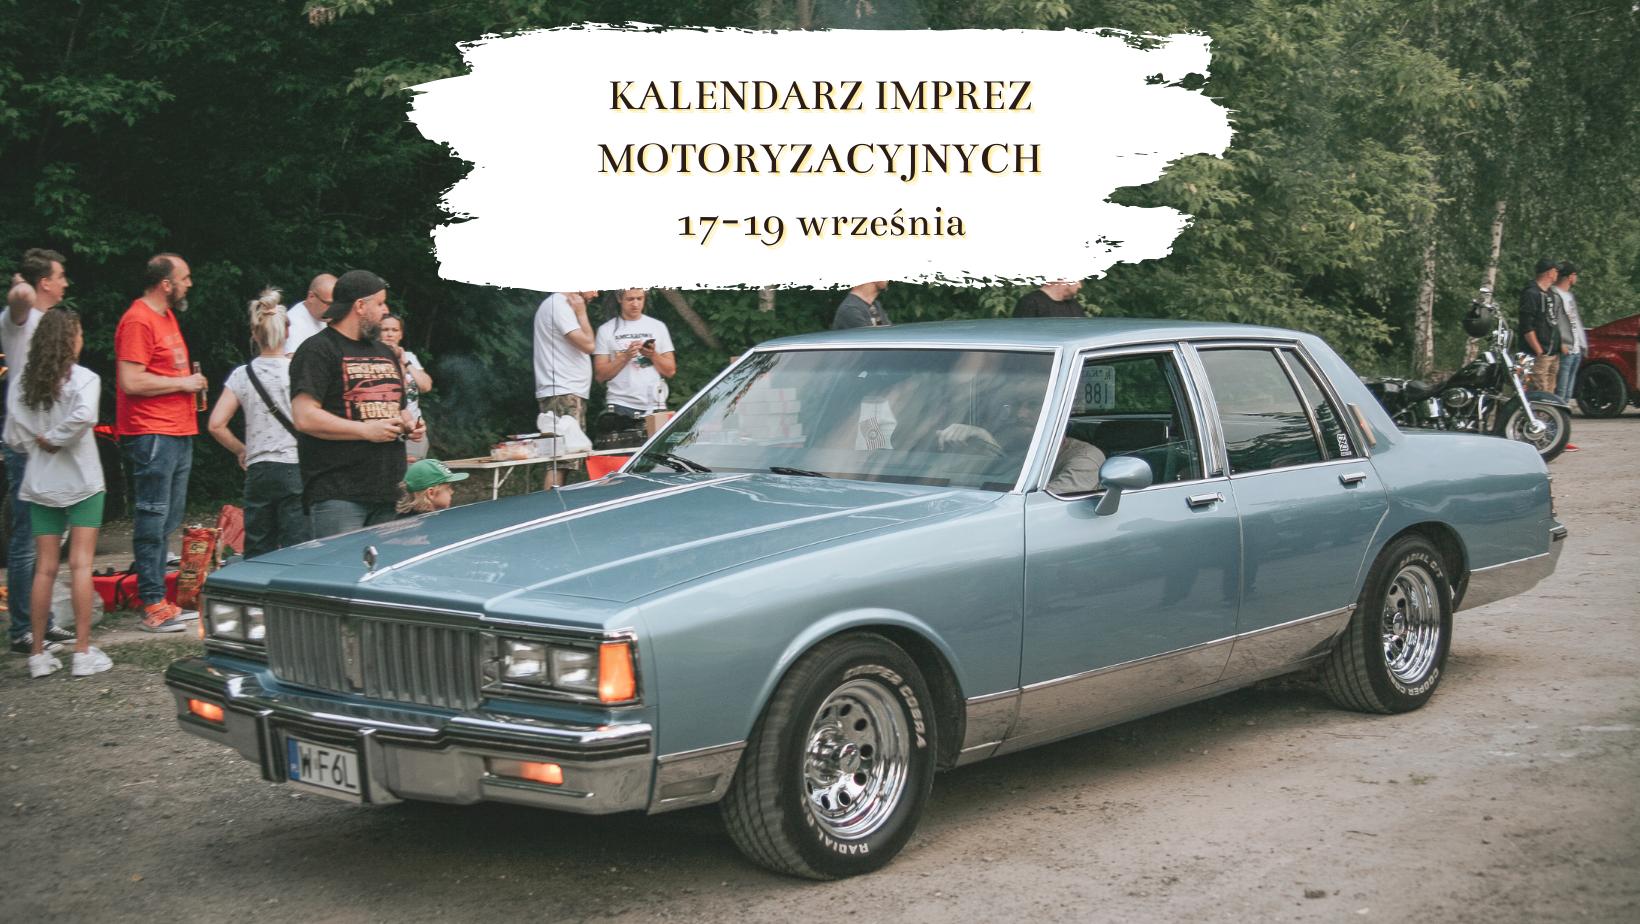 Weekendowy rozkład jazdy – kalendarz imprez motoryzacyjnych 17-19 września.